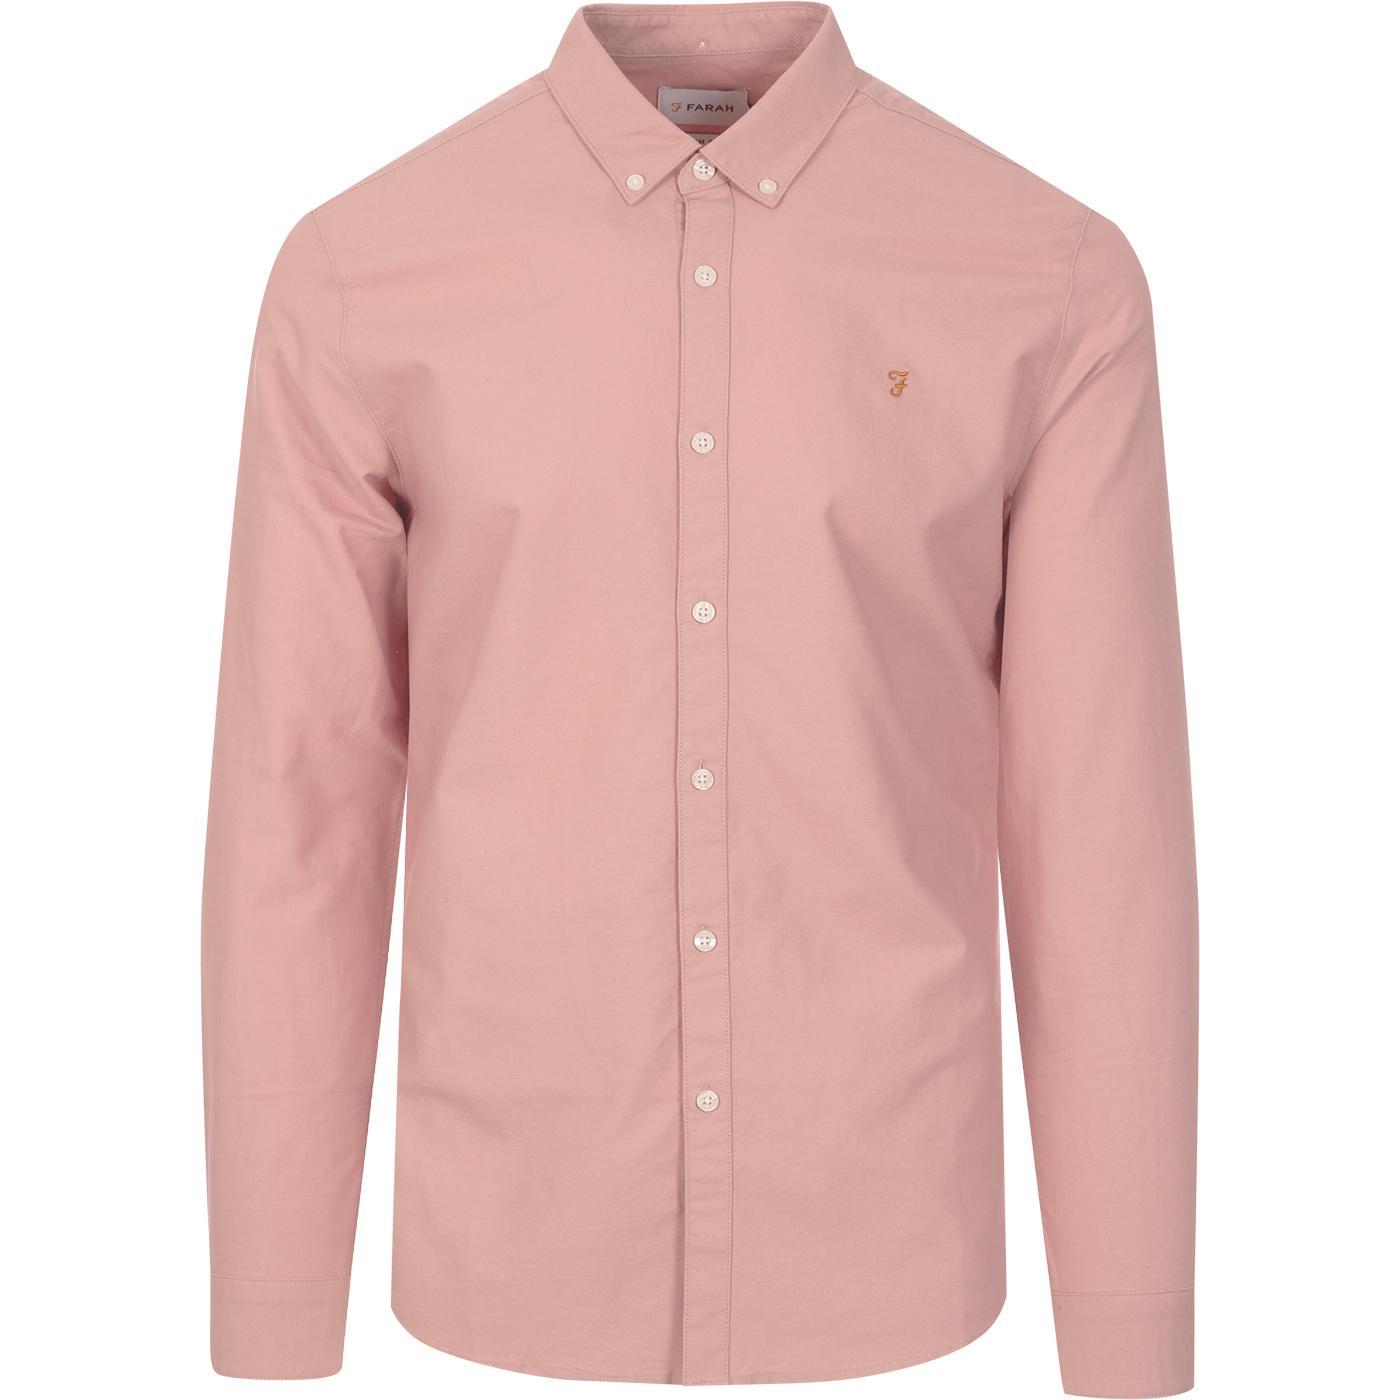 Brewer FARAH Slim Button Down Oxford Shirt (Blush)